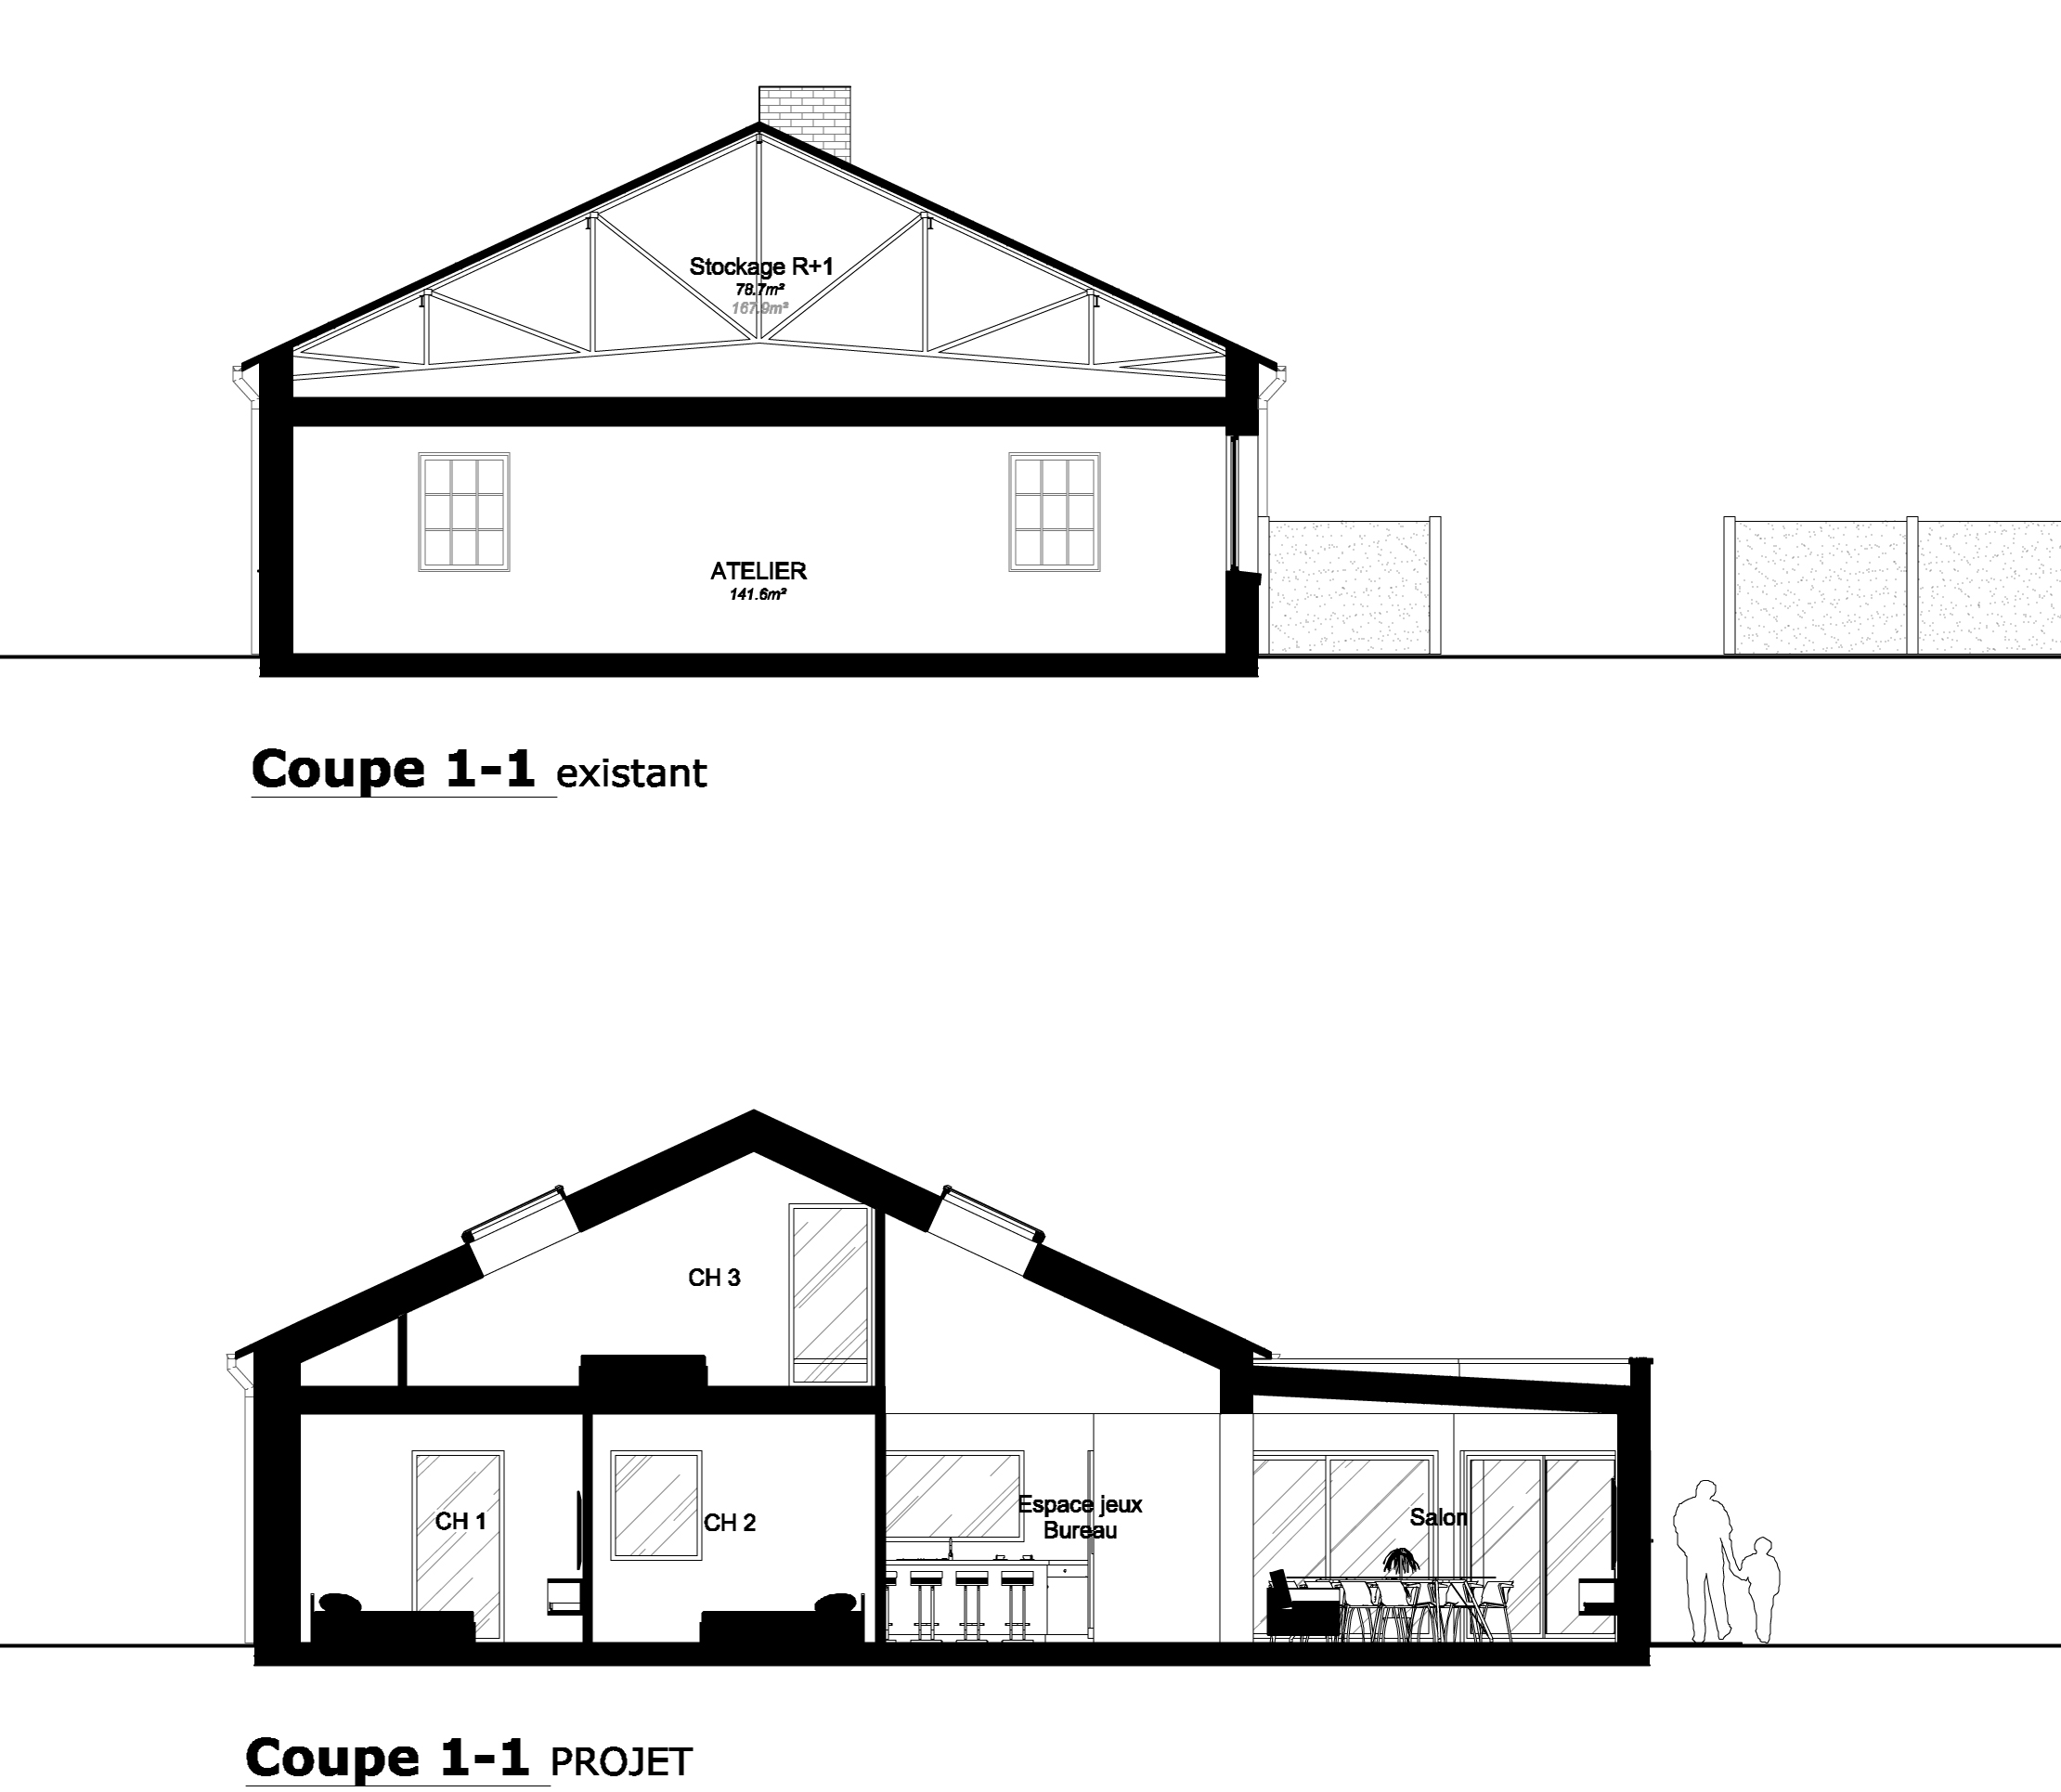 15.11 Atelier Permis de construire extension nord Comines7.1